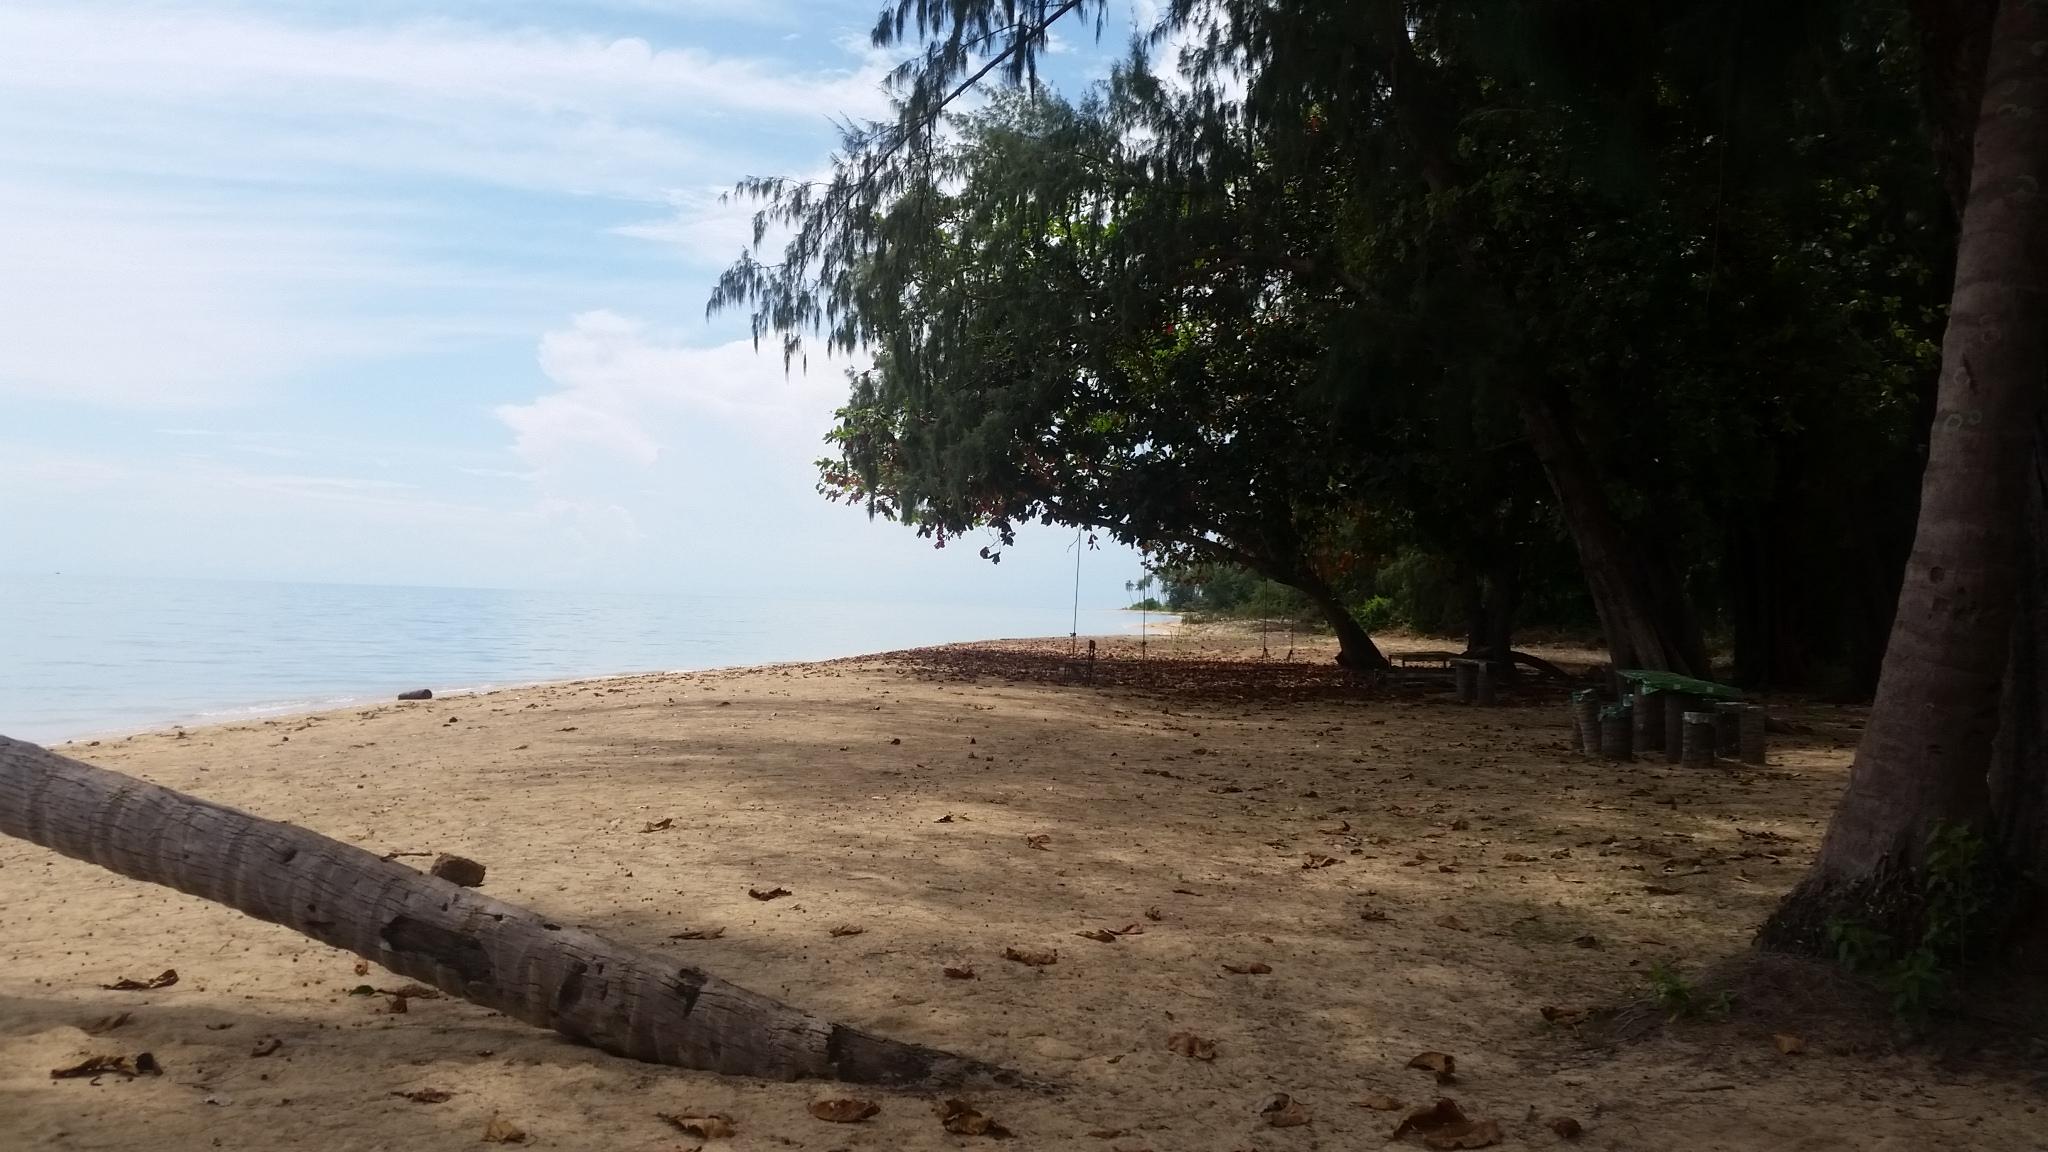 Ко Чанг е третият по големина остров в Тайланд след Пукет и Самуи. Намира се на около 300 км от Банкок и е близо до границата с Камбоджа.  Много туристи го посещават именно на път към Камбоджа, но за тях скрити остават малките диви острови, част от архипелага. Как собственици на един от тях го спасяват и кои са Героите на боклука, разберете от репортажа на Vesti.bg.